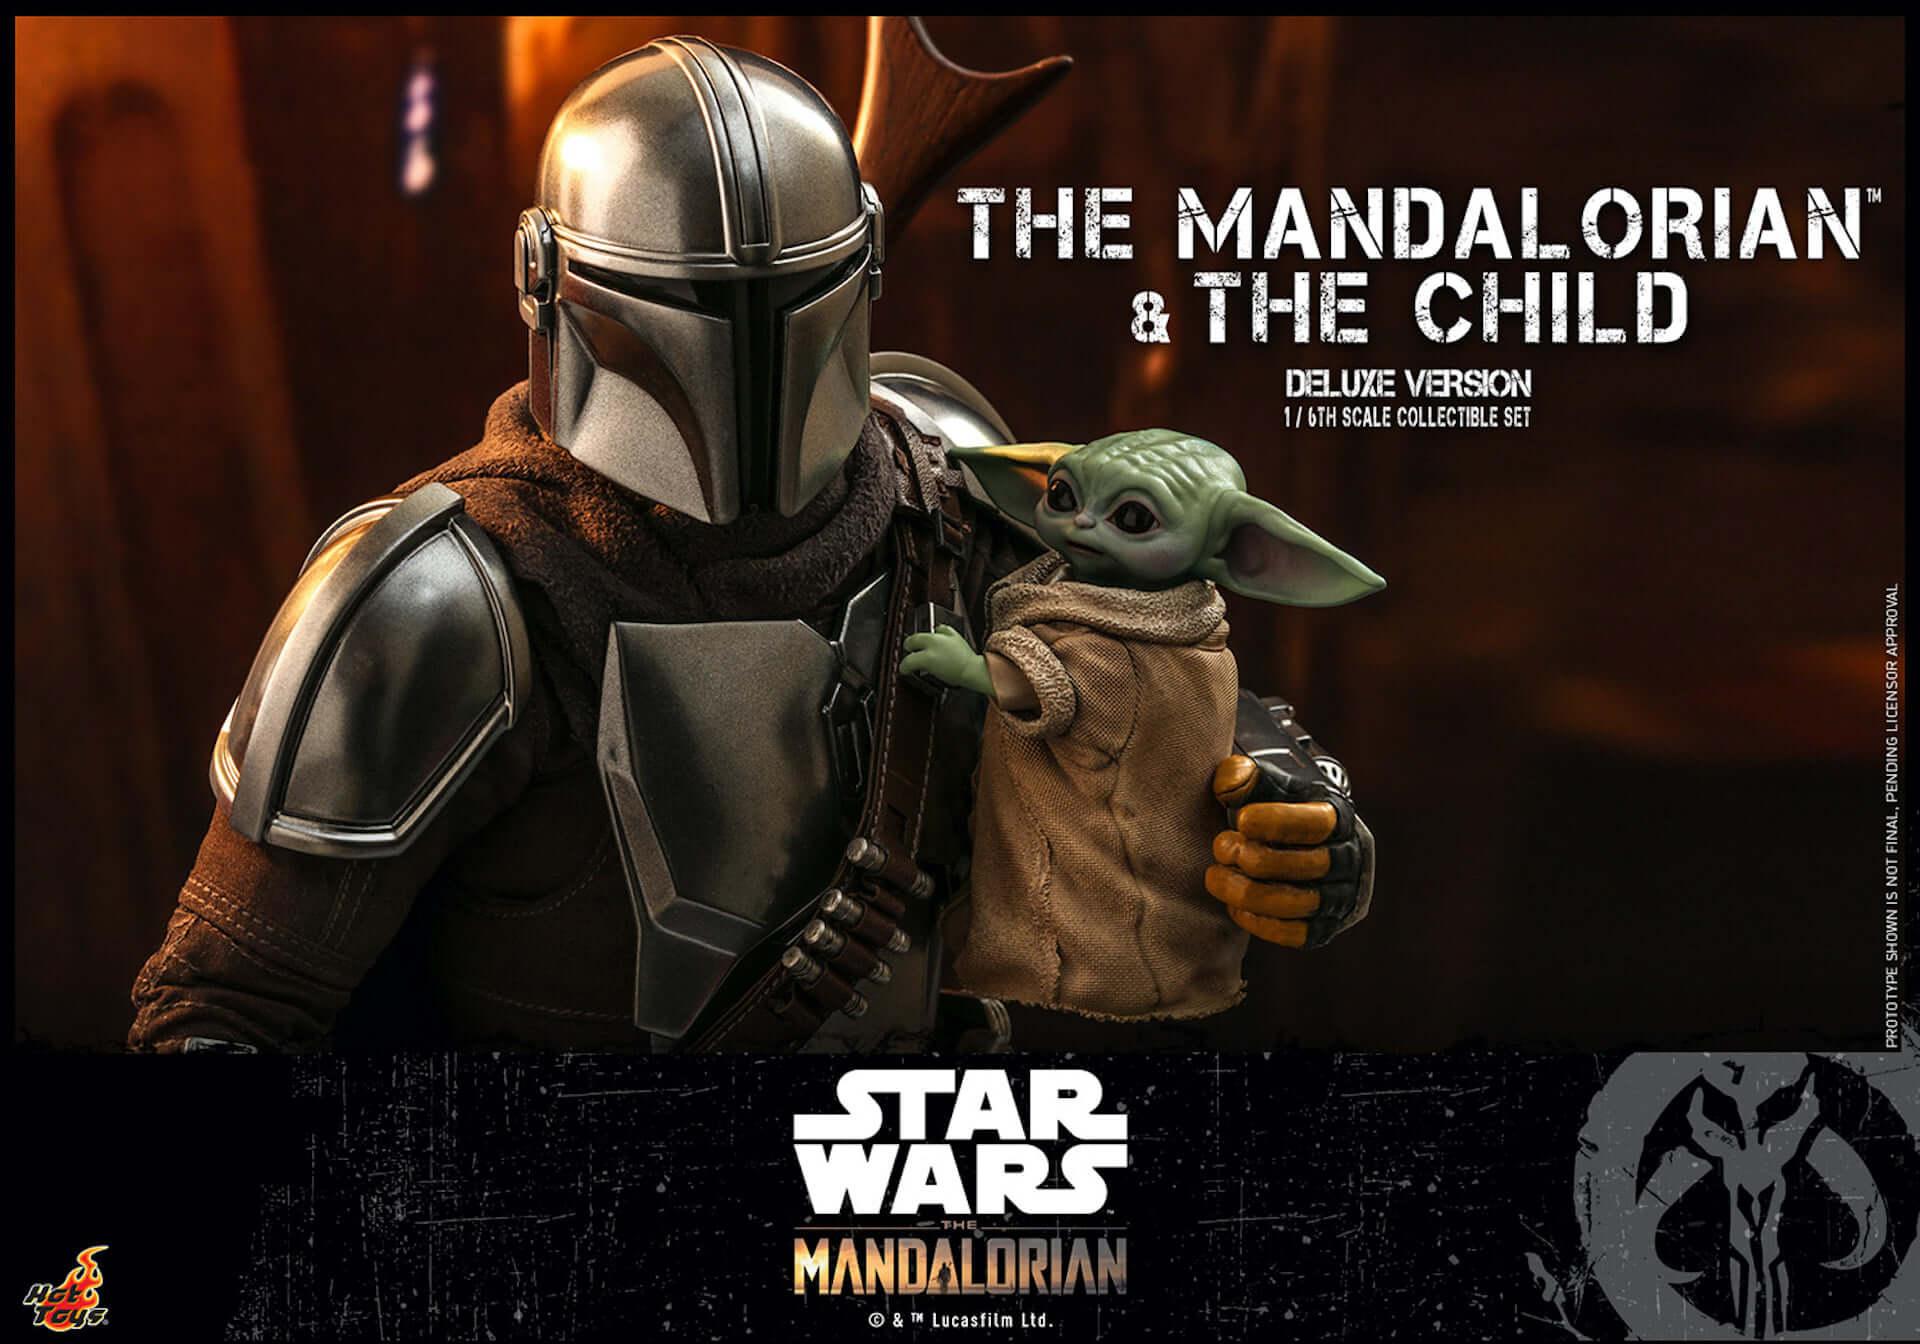 ついにマンダロリアンとザ・チャイルドがセットで登場!ホットトイズ「テレビ・マスターピース」シリーズに『マンダロリアン』新作が発表 art200331_hottoys_mandalorian_1-1920x1344